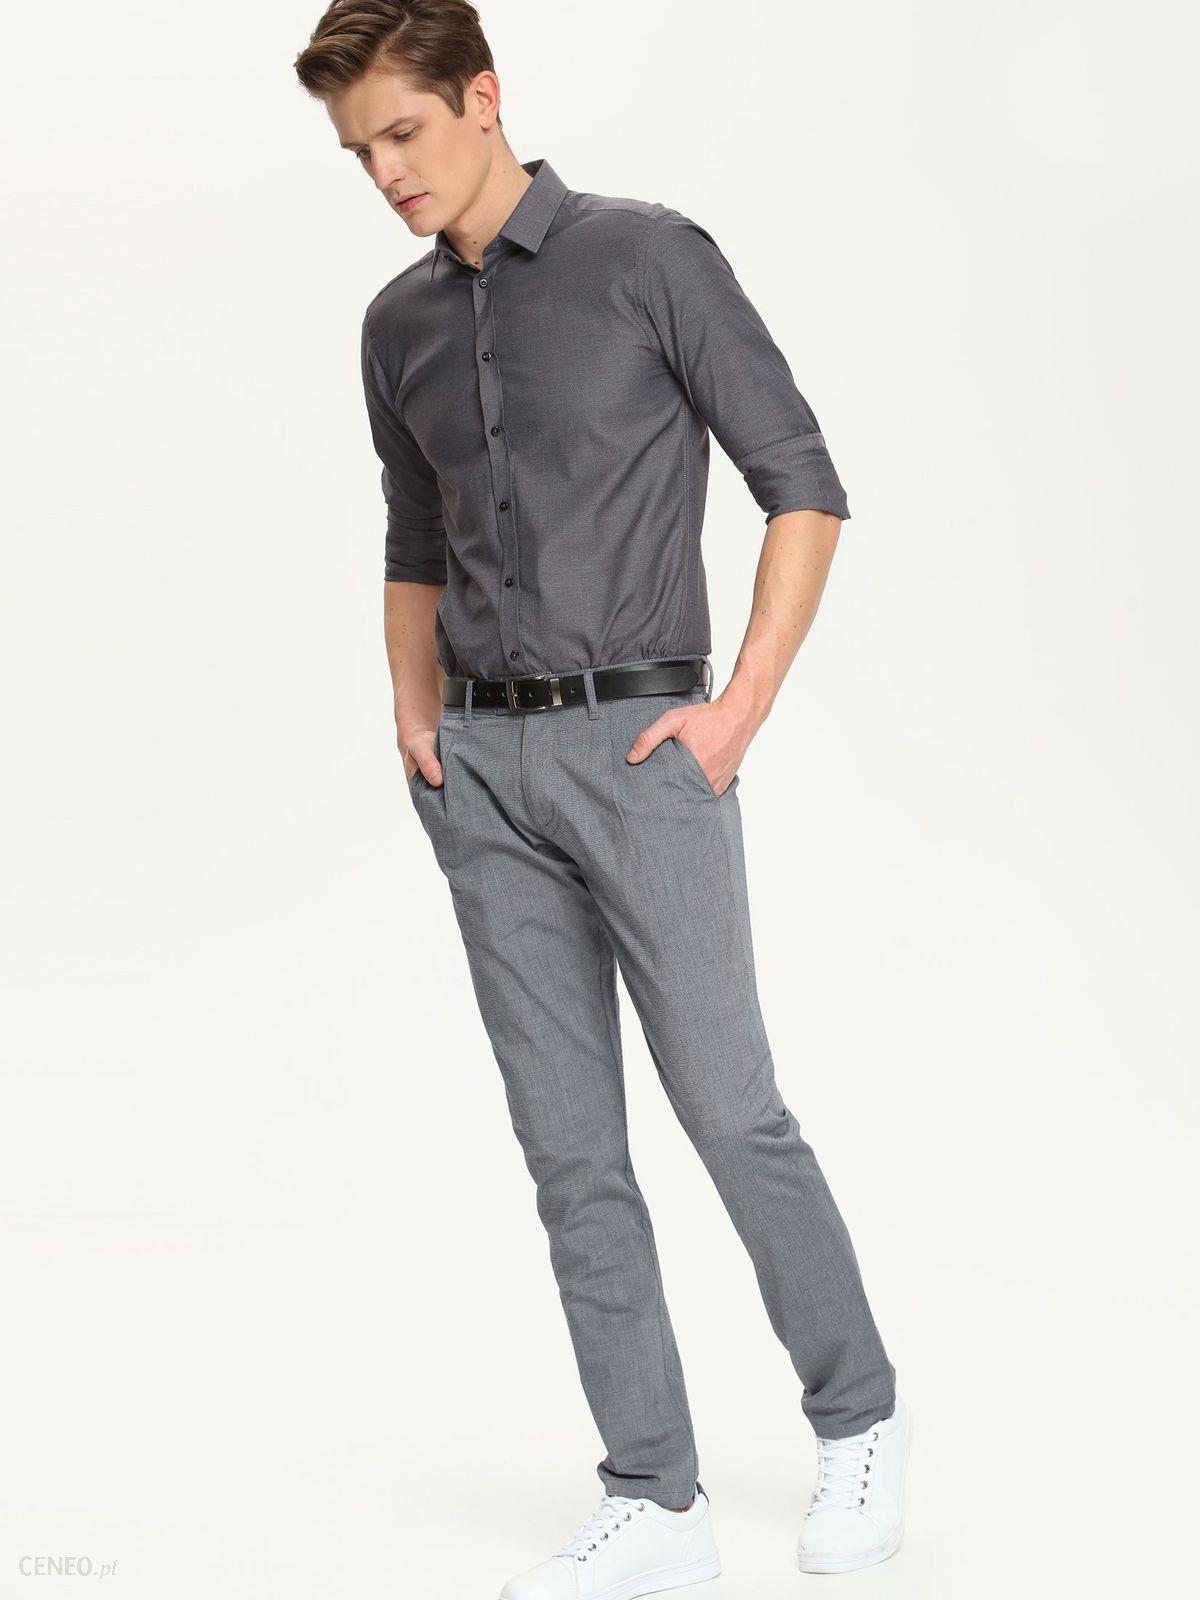 Spodnie to oczywisty wybór każdego mężczyzny, bez względu na preferowany styl. Stanowią one nieodzowny element męskiej garderoby, podobnie jak marynarka i koszula. Dobrej jakości spodnie to niezbędna rzecz w szafie każdego mężczyzny.